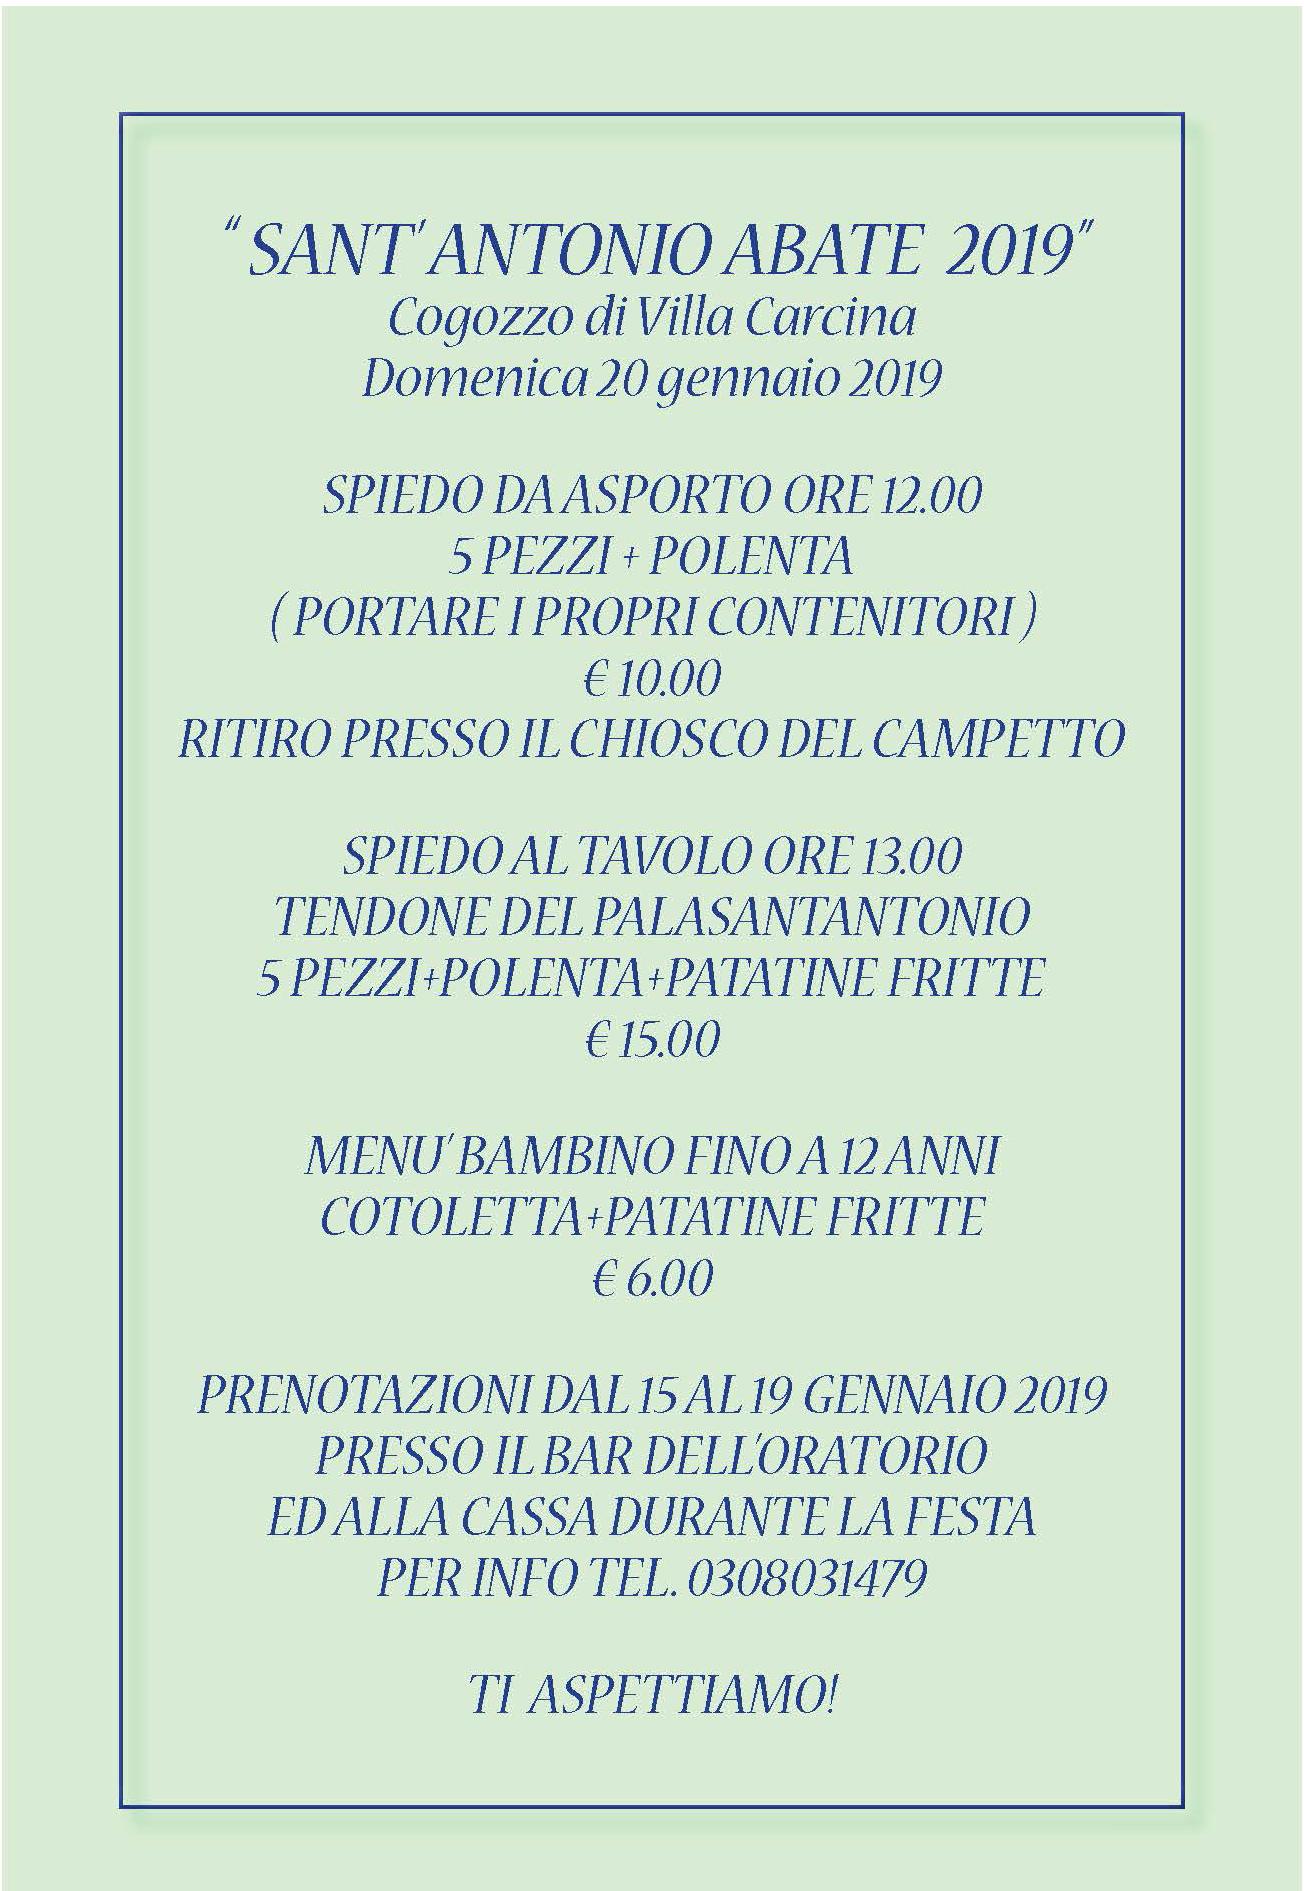 Volantio Sant'Antonio 2019 new (2)_Page_1